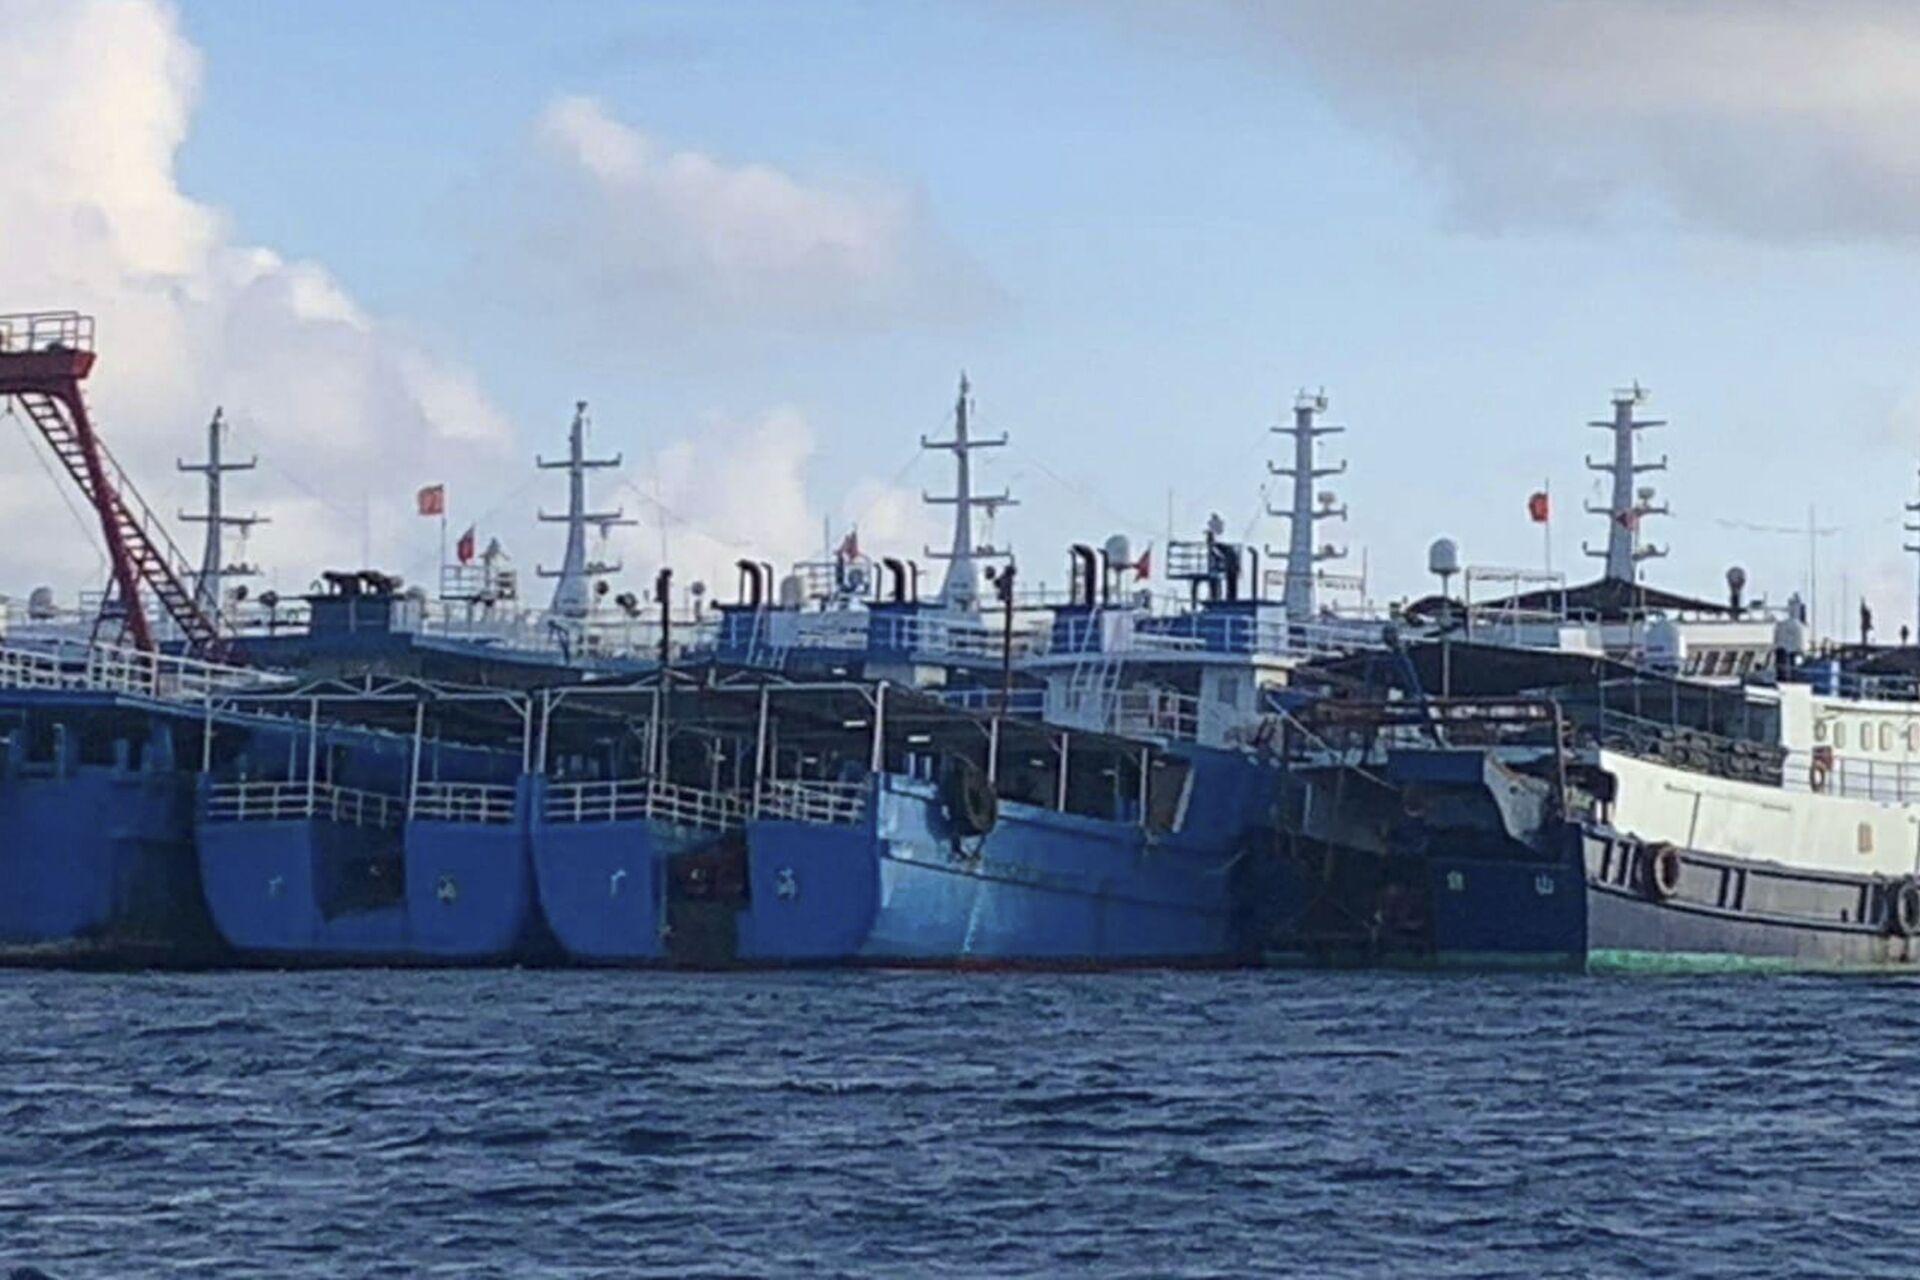 Tàu Trung Quốc cập bãi đá ngầm Whitsan ở Biển Đông - Sputnik Việt Nam, 1920, 05.10.2021